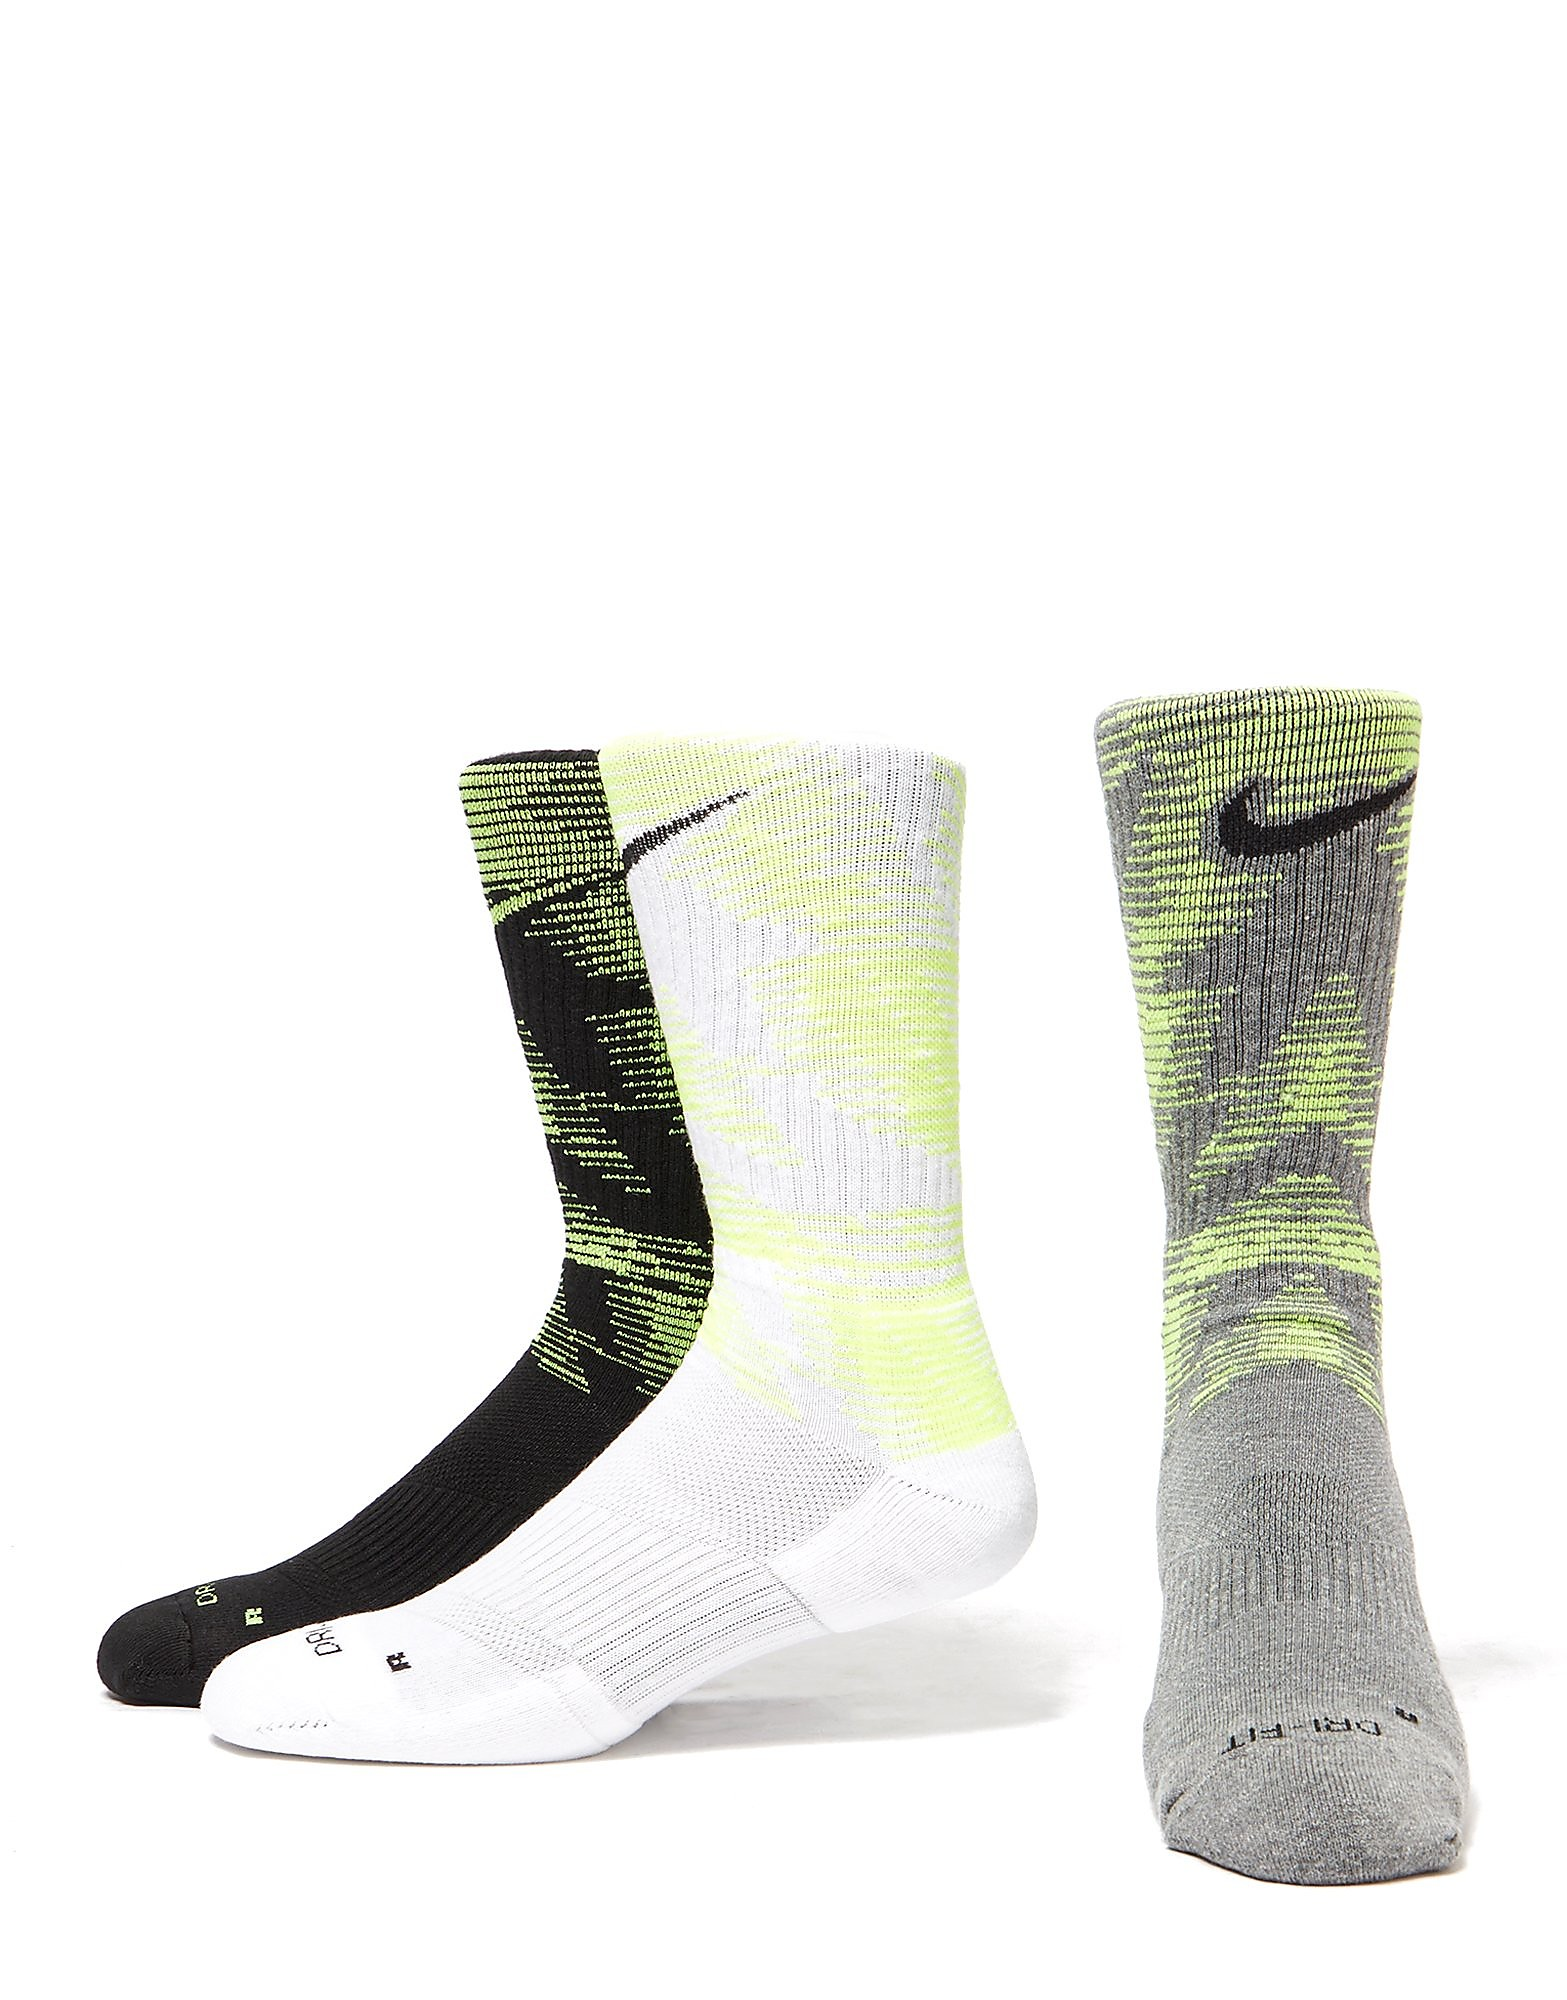 Nike 3 Pack Dri-FIT Crew Socks